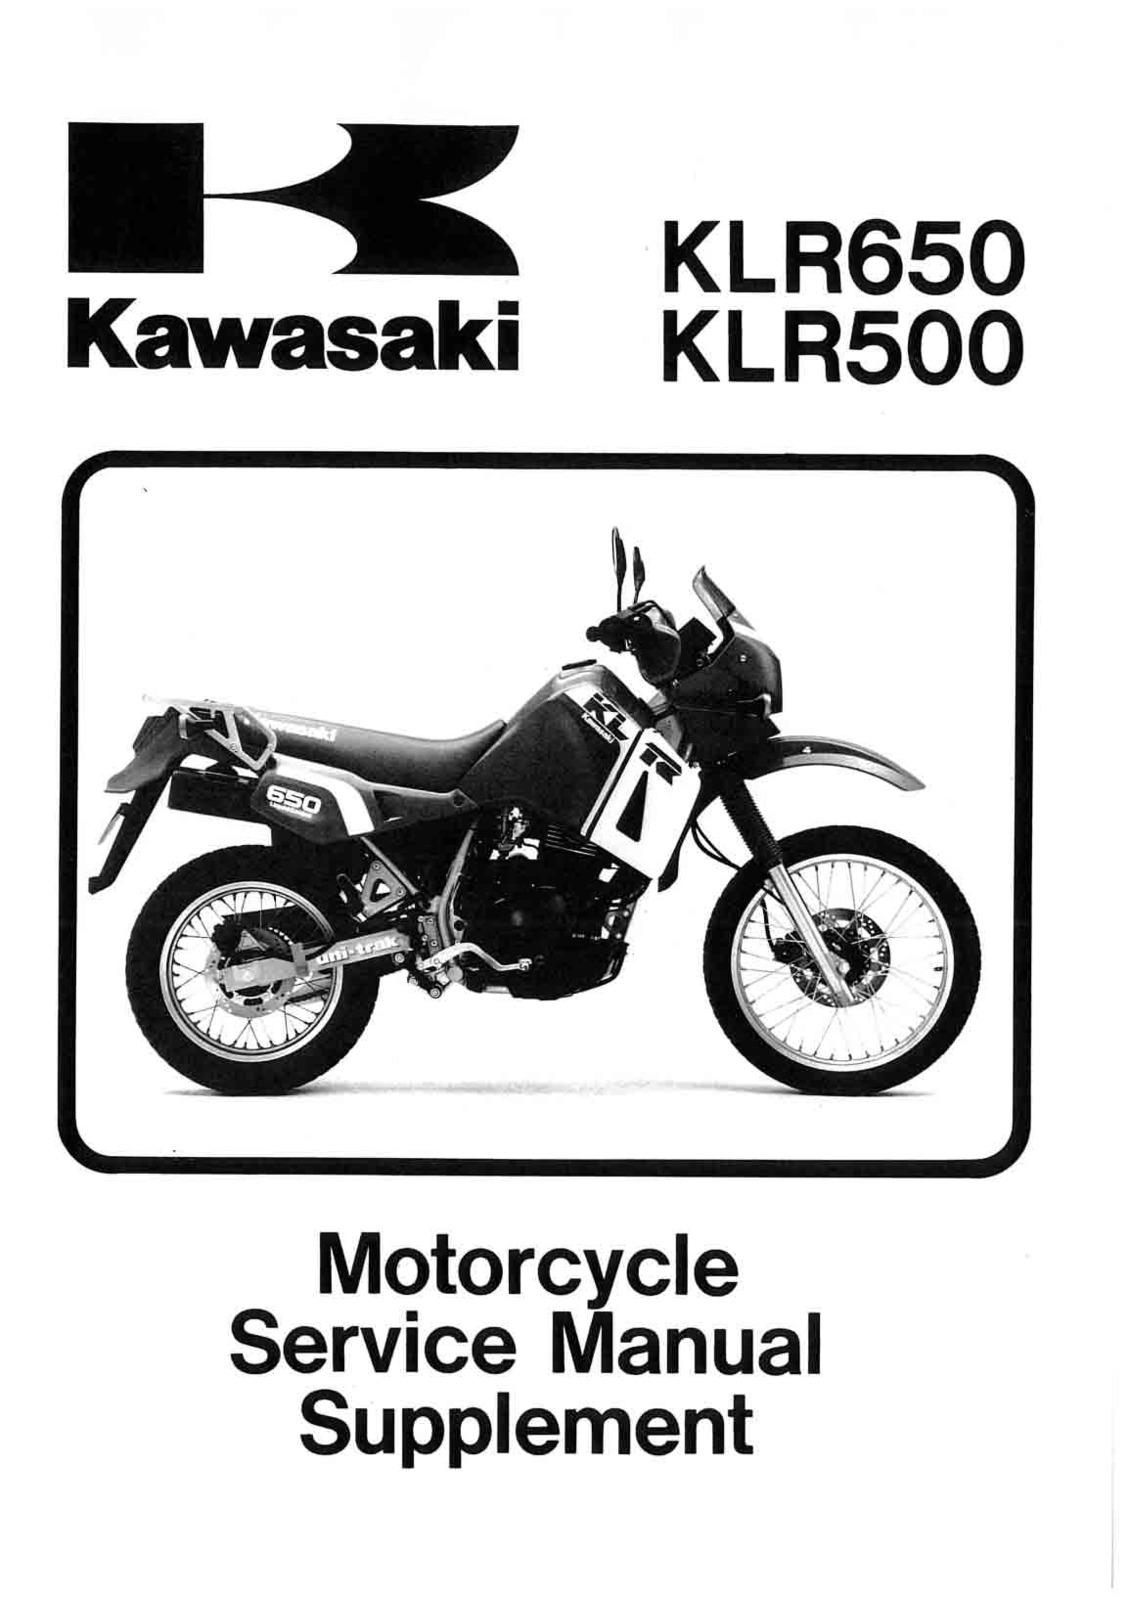 1994 1995 2000 2001 kawasaki klr650 klr 650 shop service kawasaki klr 650 service manual 2013 kawasaki klr 650 owners manual